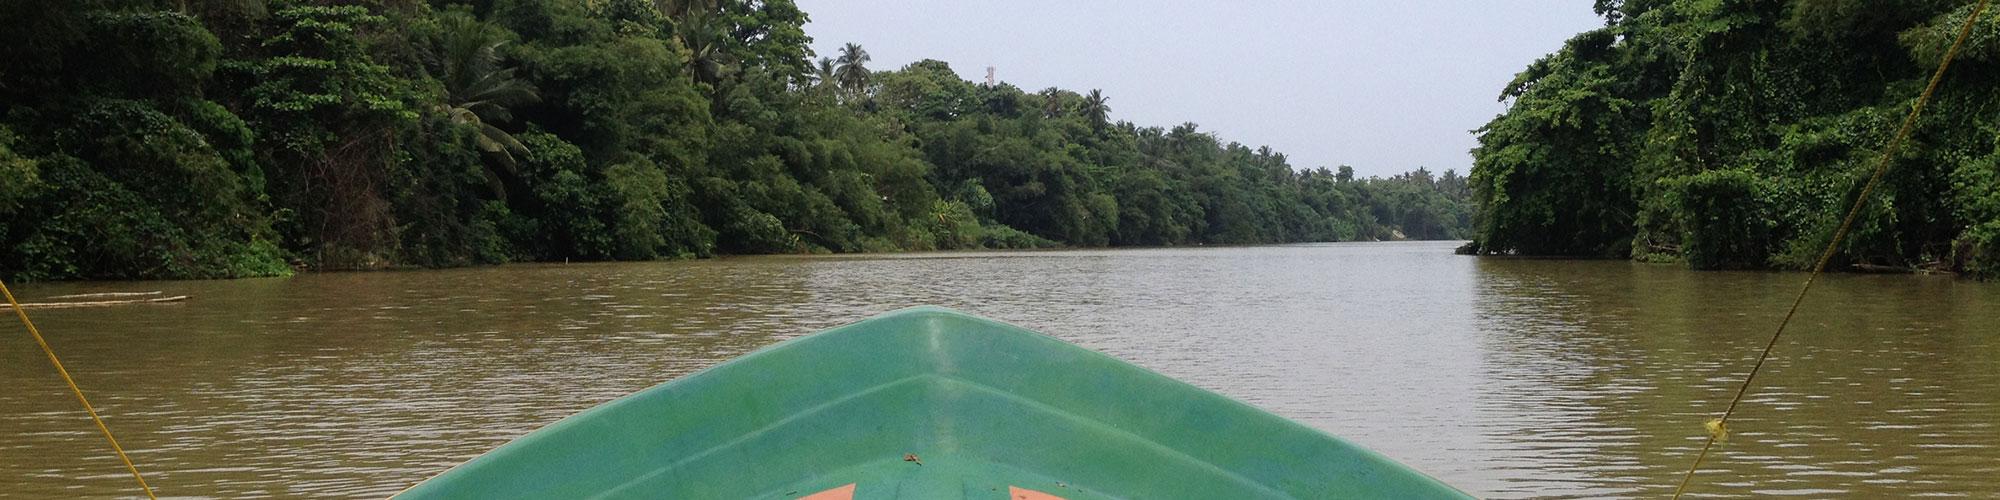 River safari day sri lanka